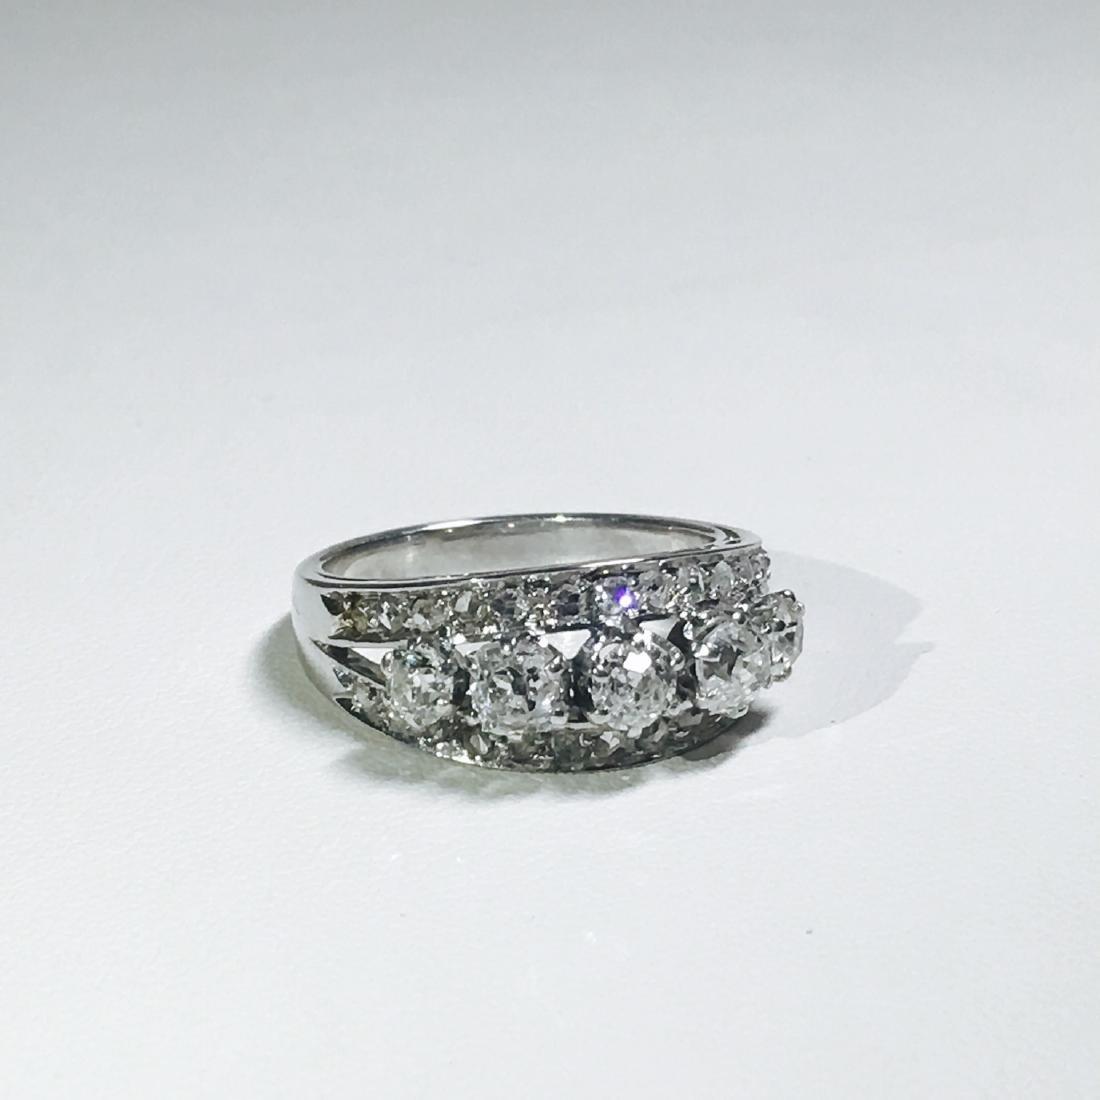 Vintage 18K White Gold, 1.25 CT VS/G Diamond Ring (GIA) - 5